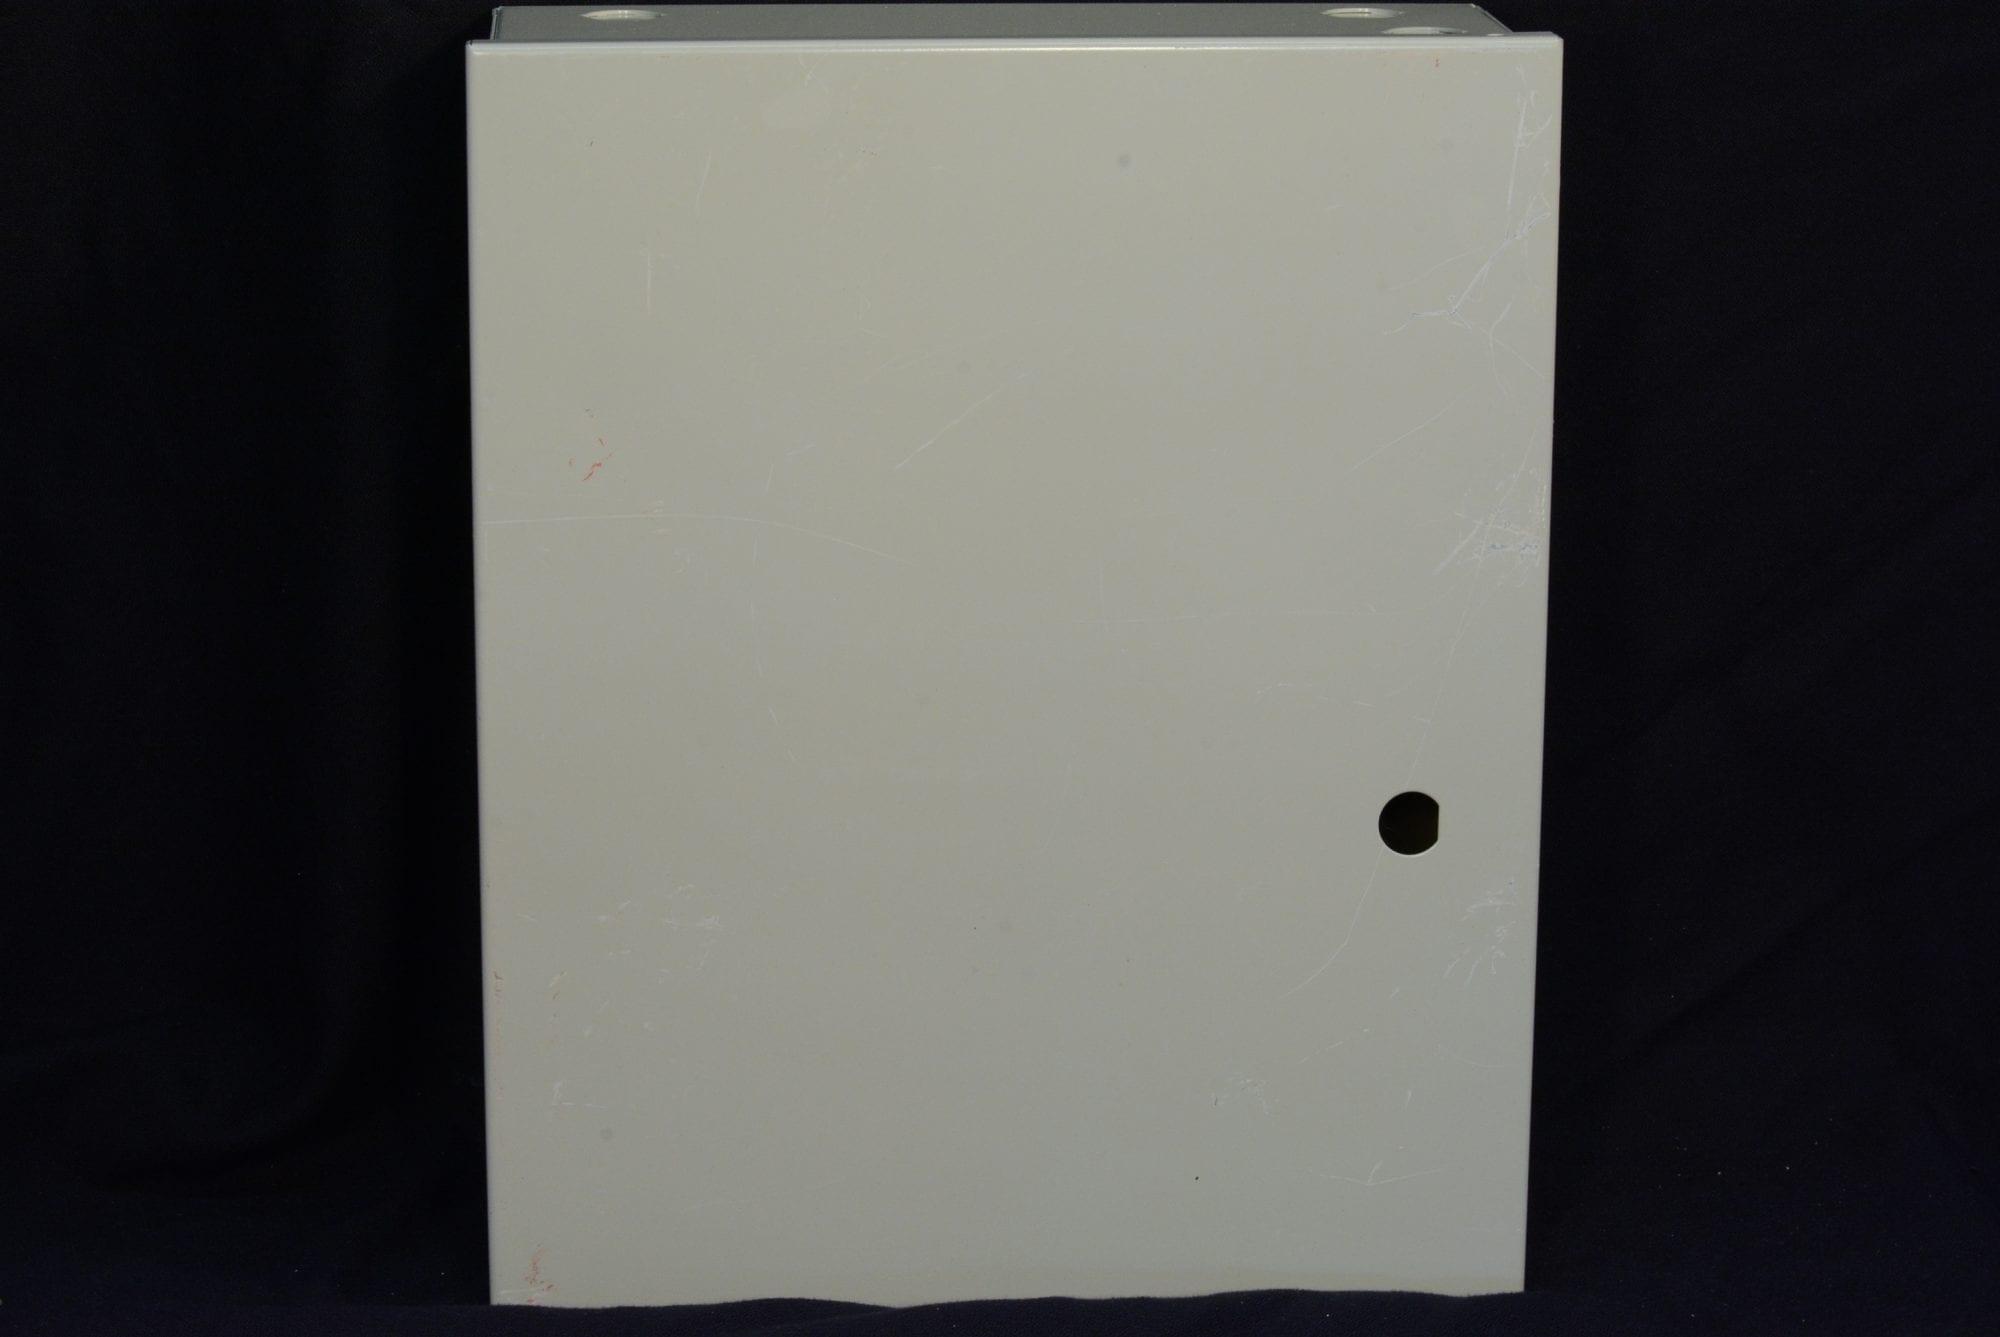 Dsc Alarm Control Wayne Systems 4020 Wiring Diagram